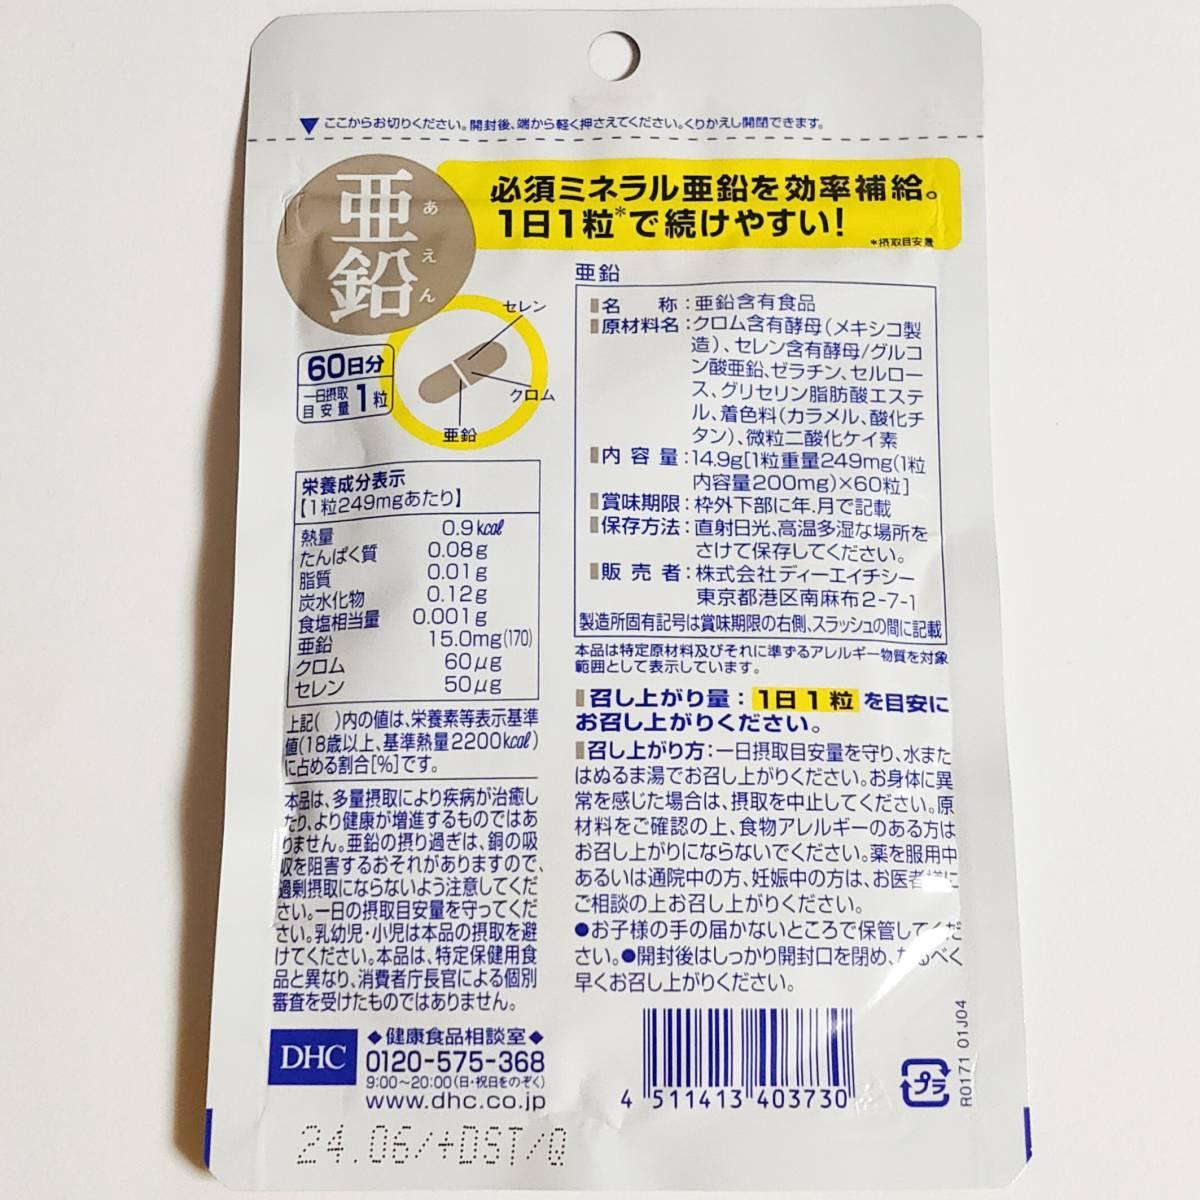 【DHC サプリメント】亜鉛 360日分(60日分×6袋) クロム セレン 3つの必須ミネラル サプリ 健康食品 未開封 送料無料_画像3